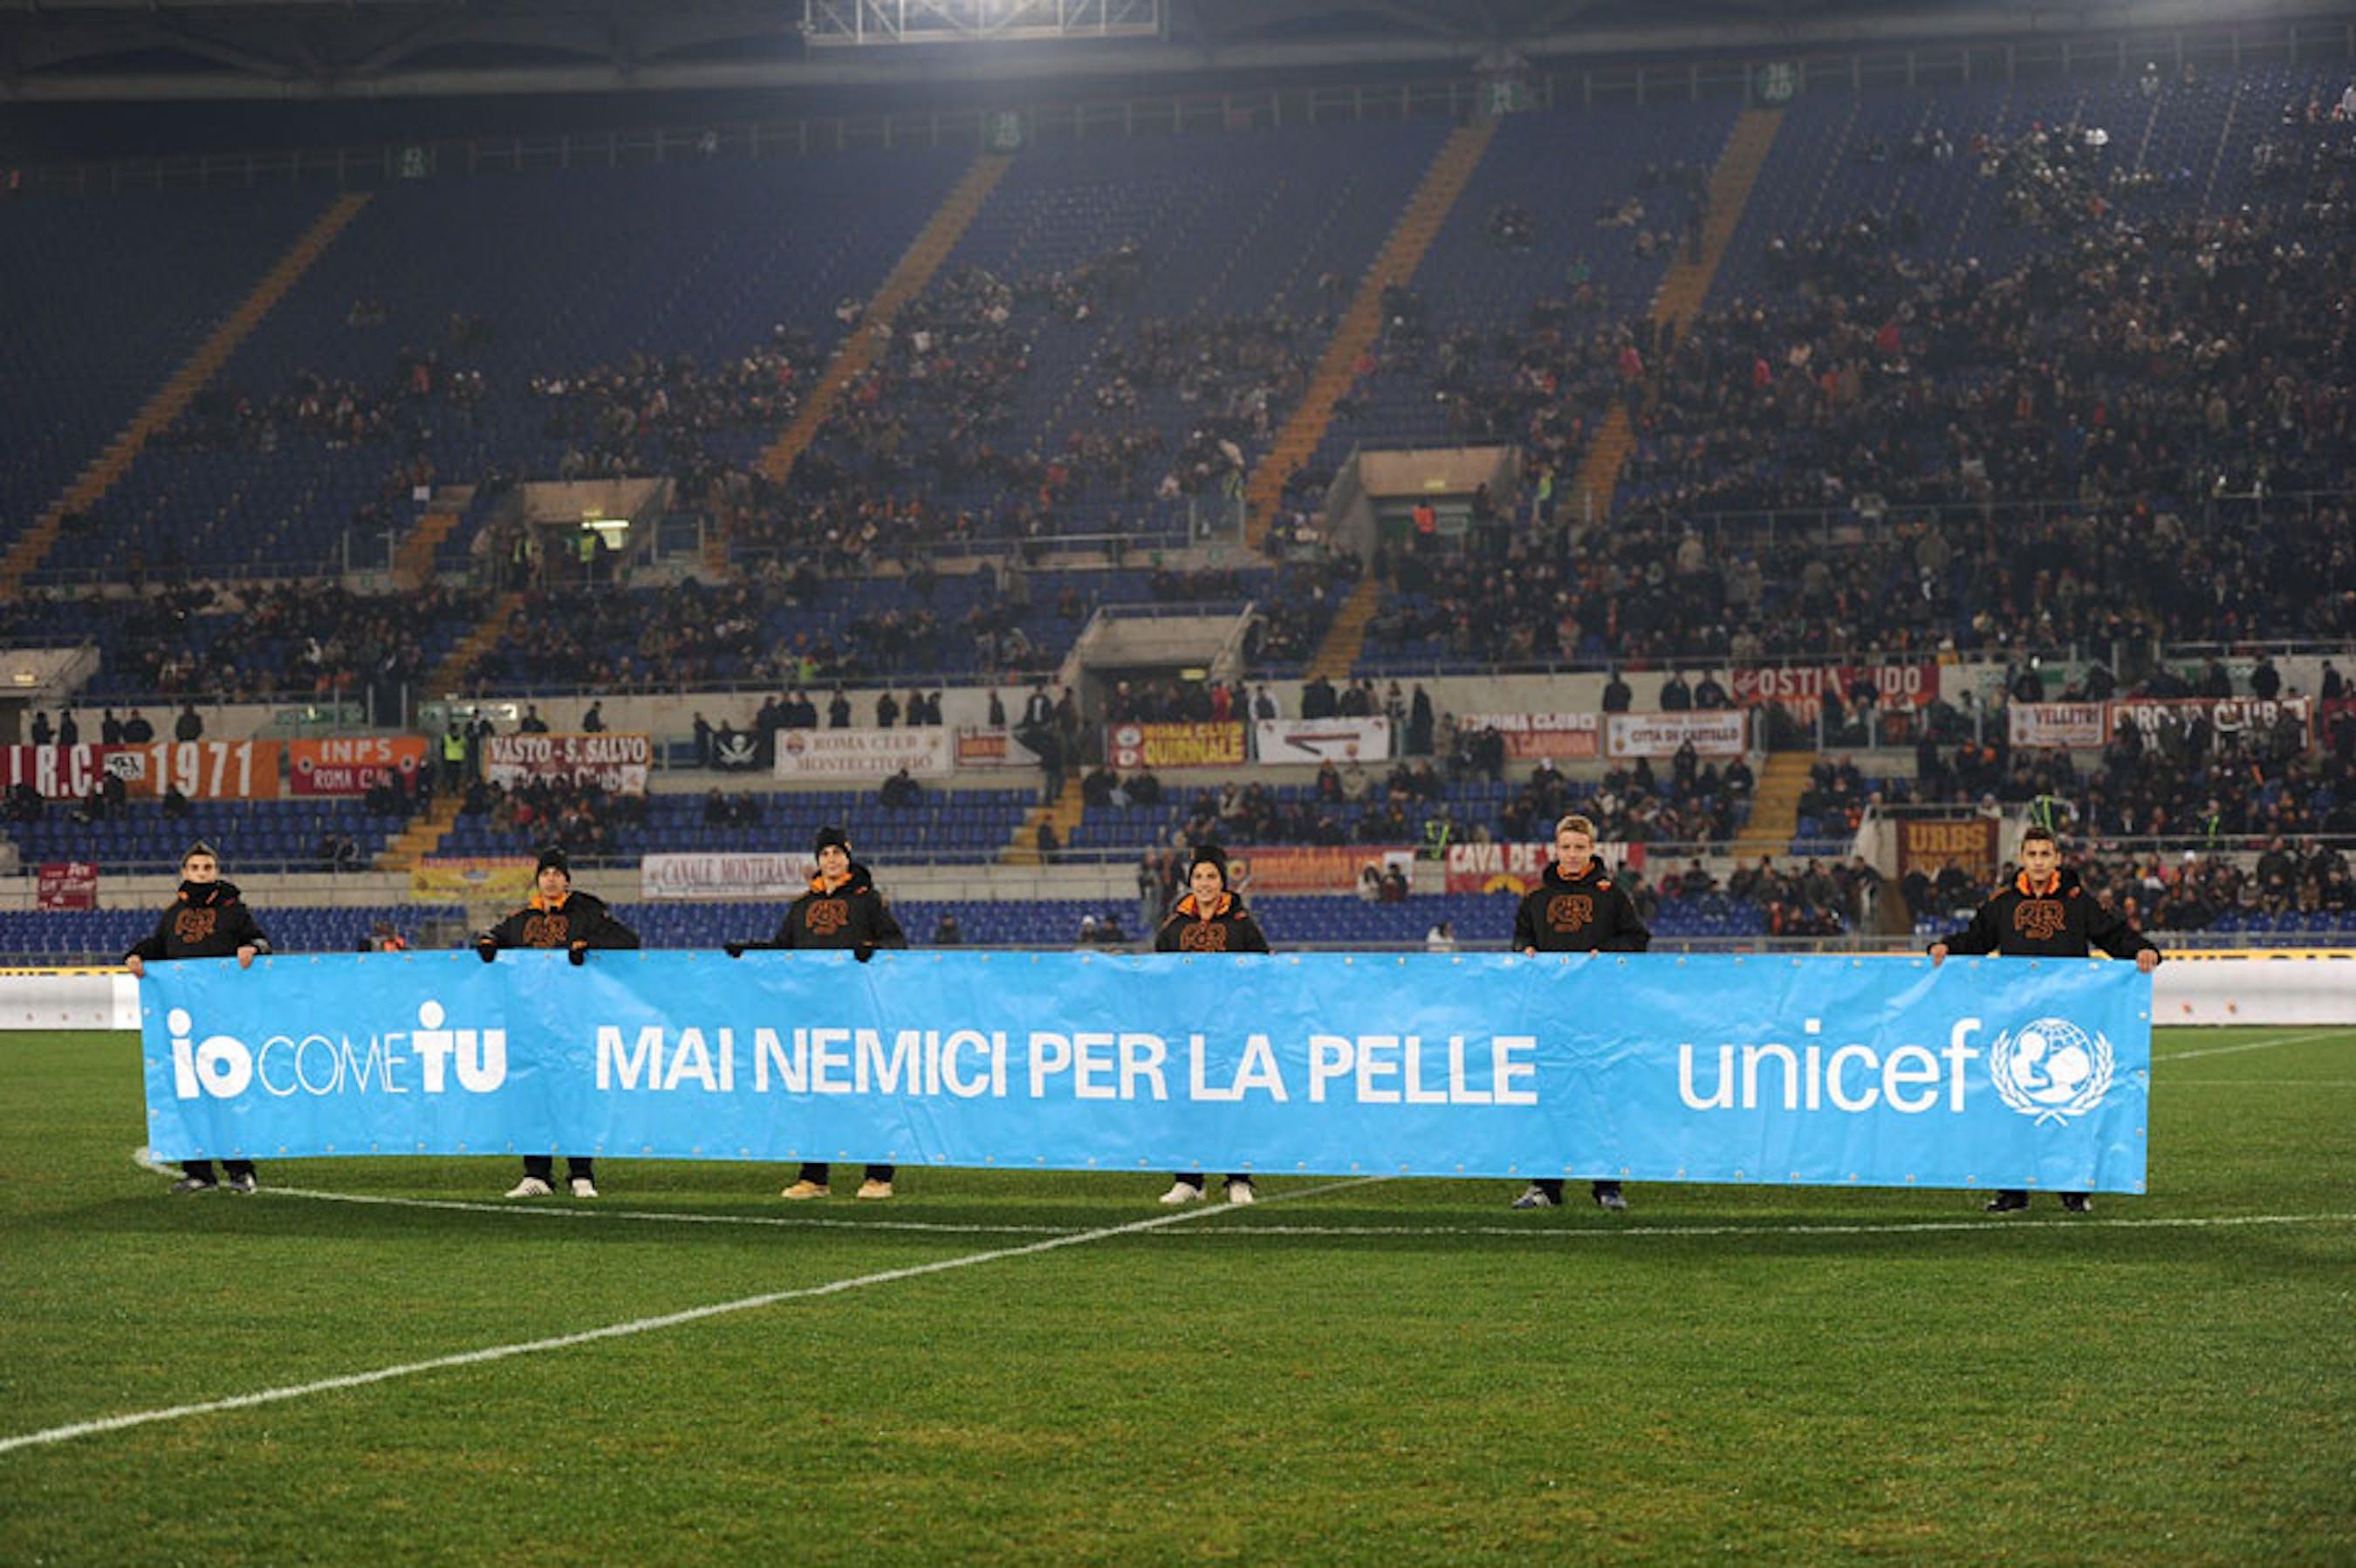 Lo striscione dell'UNICEF che campeggerà negli stadi di serie A nel week-end calcistico del 23-25 novembre 2013